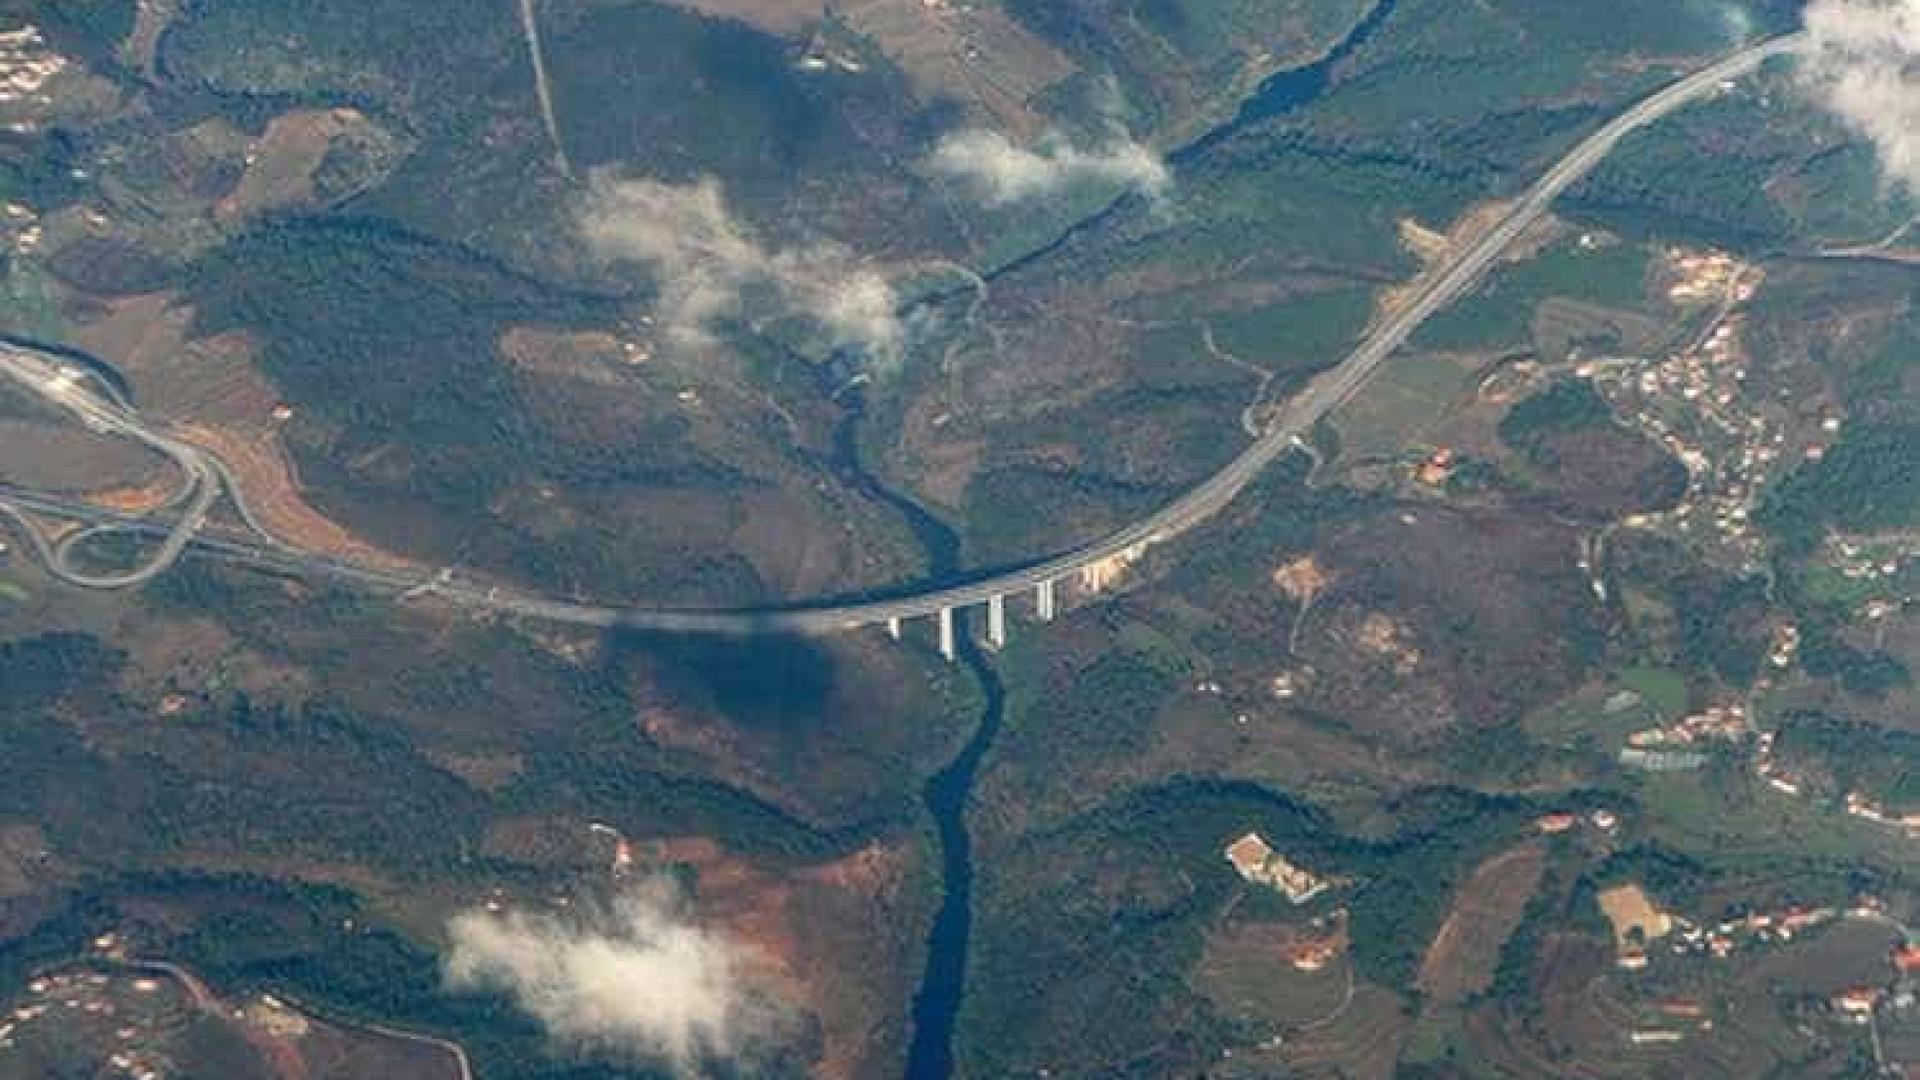 Ambientalistas querem que Governo suspenda construção de barragens